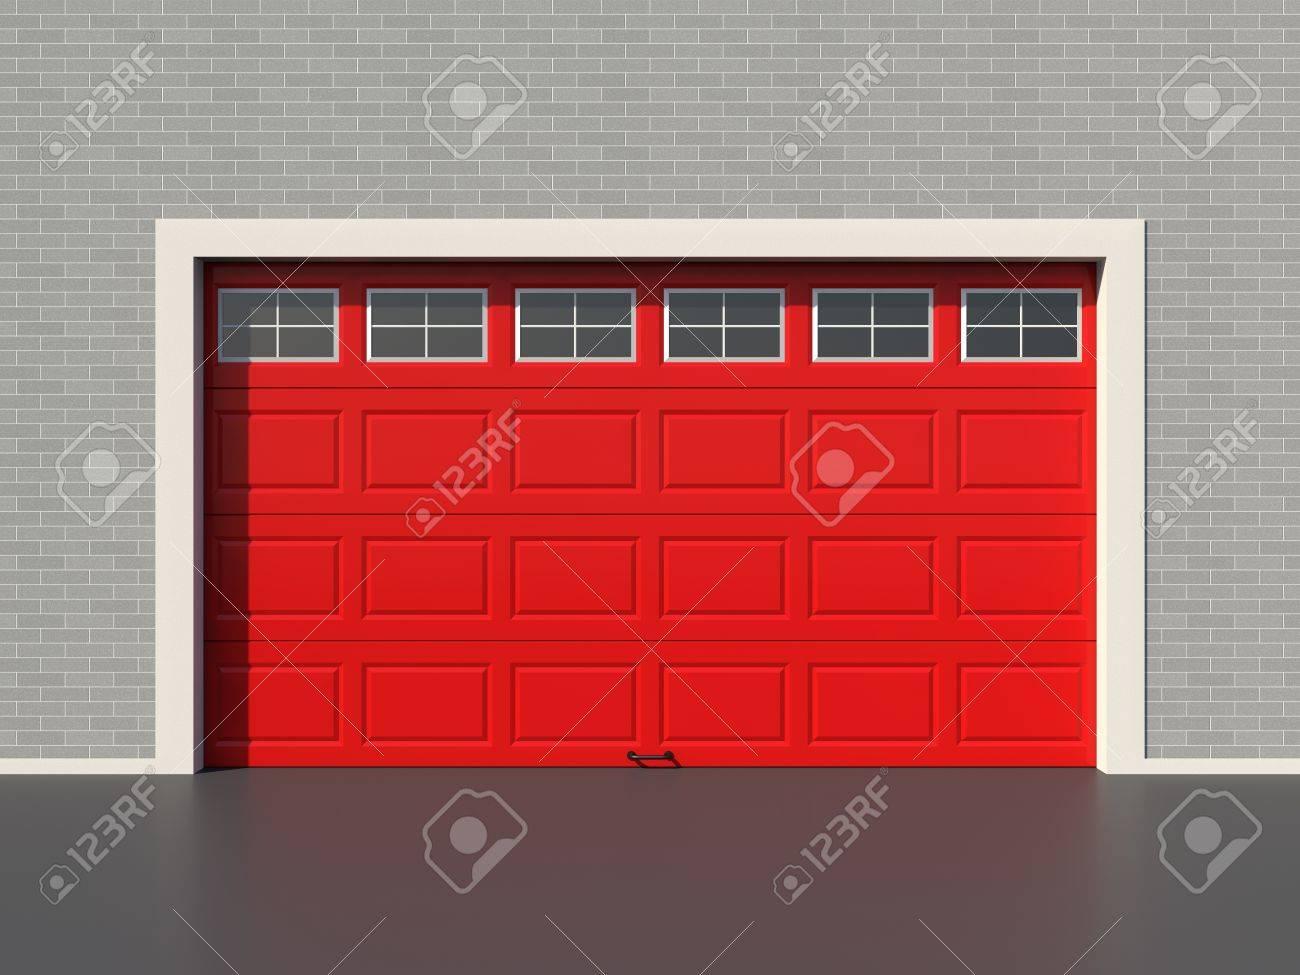 Garage Bilder modern garage door with five white windows royalty fria